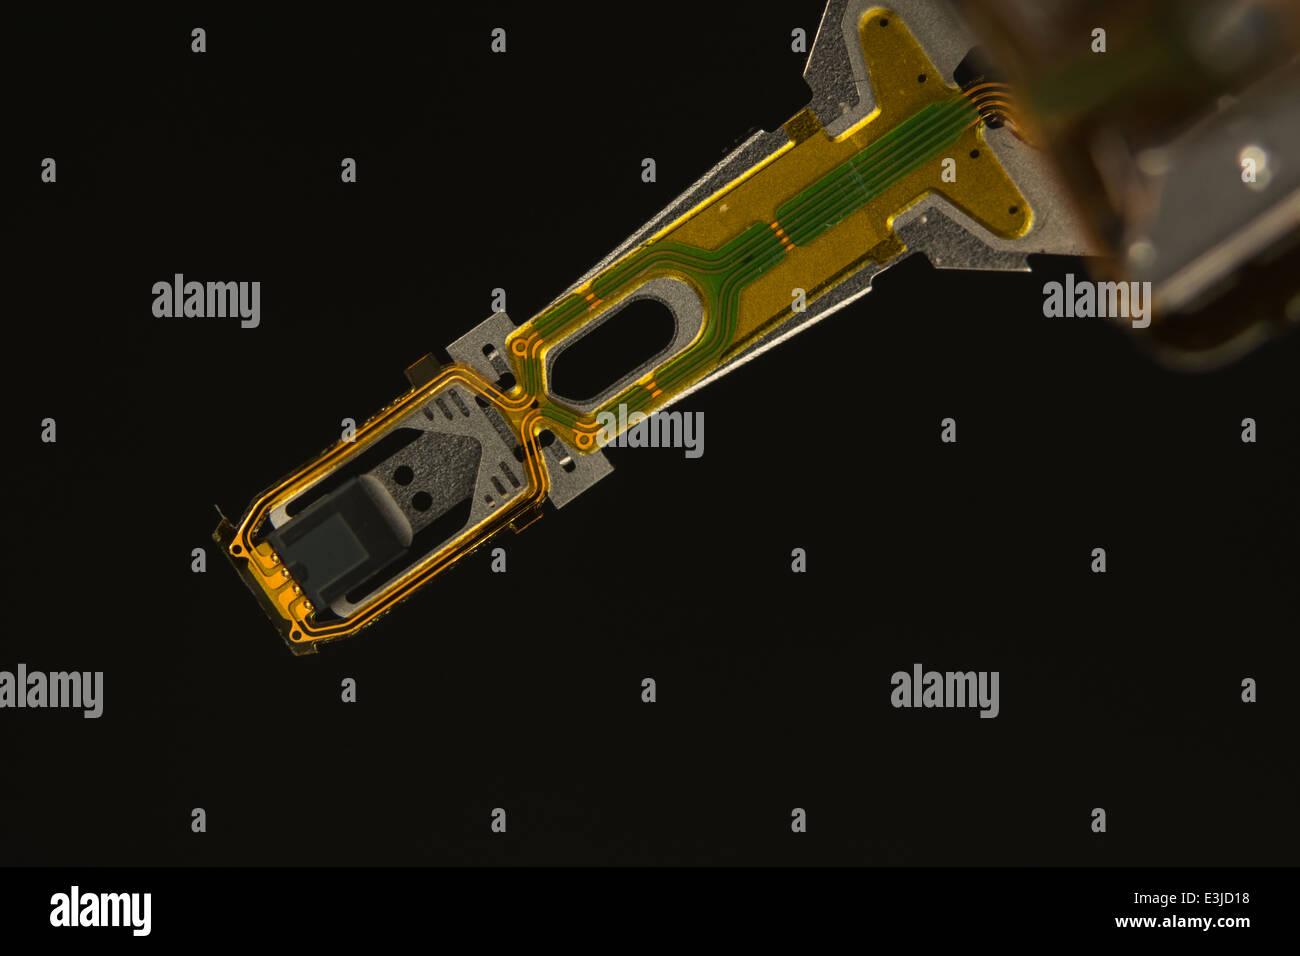 Makro - Foto von HDD-lesen-Kopf, Unterseite der Verkabelung des Stromkreises zu schreiben. Visuelle Metapher für Stockbild